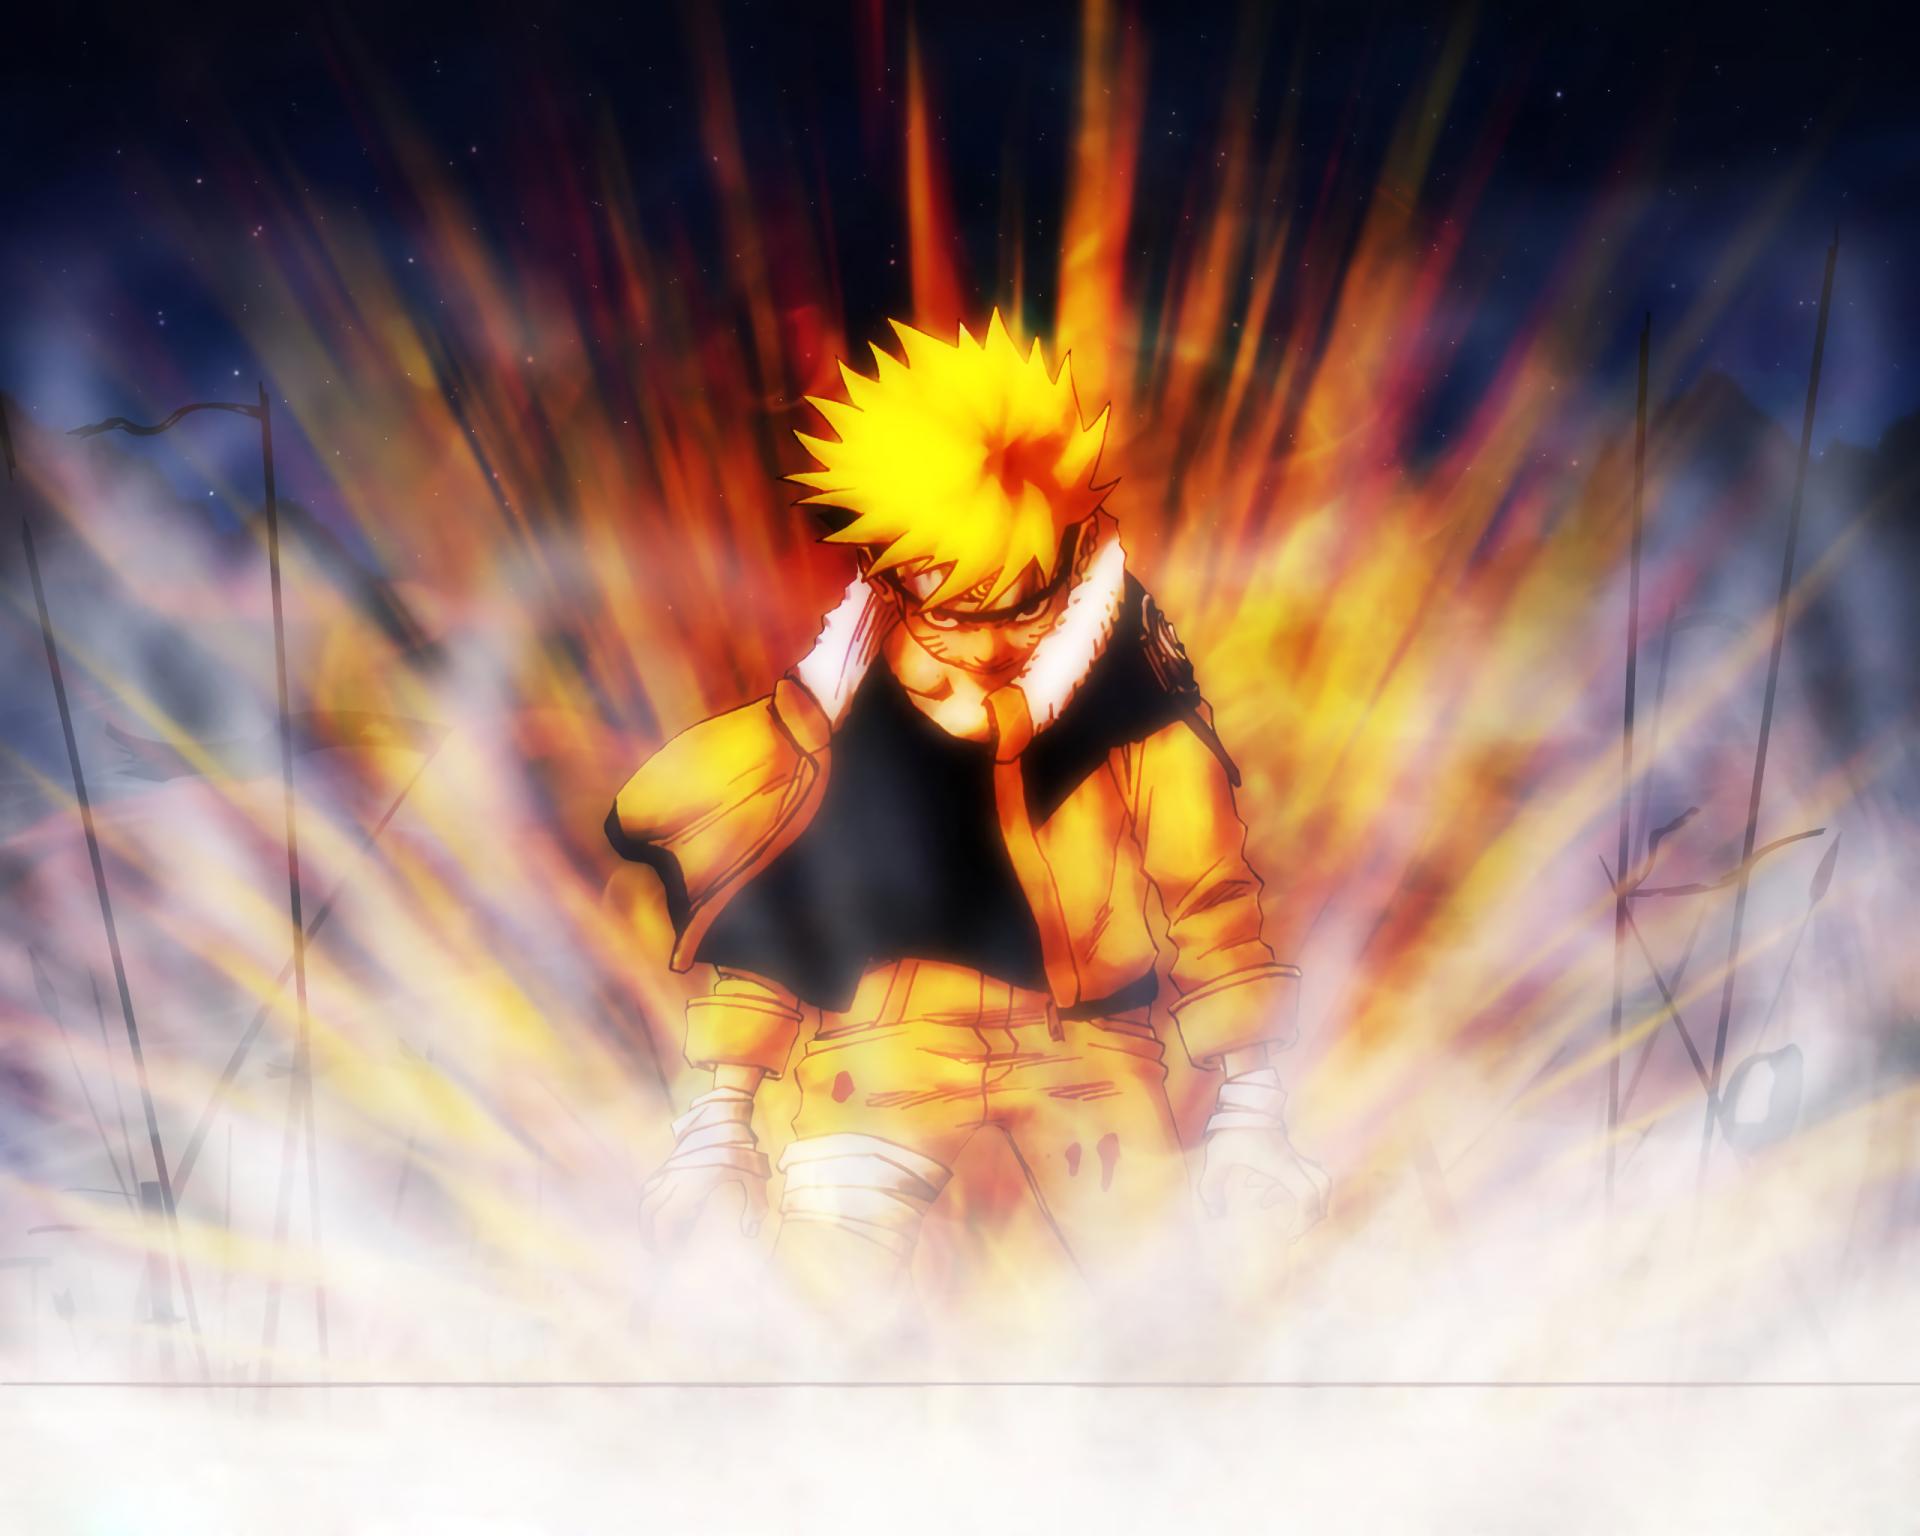 Anime Naruto Naruto Uzumaki Anime Fondo De Pantalla Wallpapers Naruto Fotos De Naruto Shippuden Fondo De Pantalla De Anime